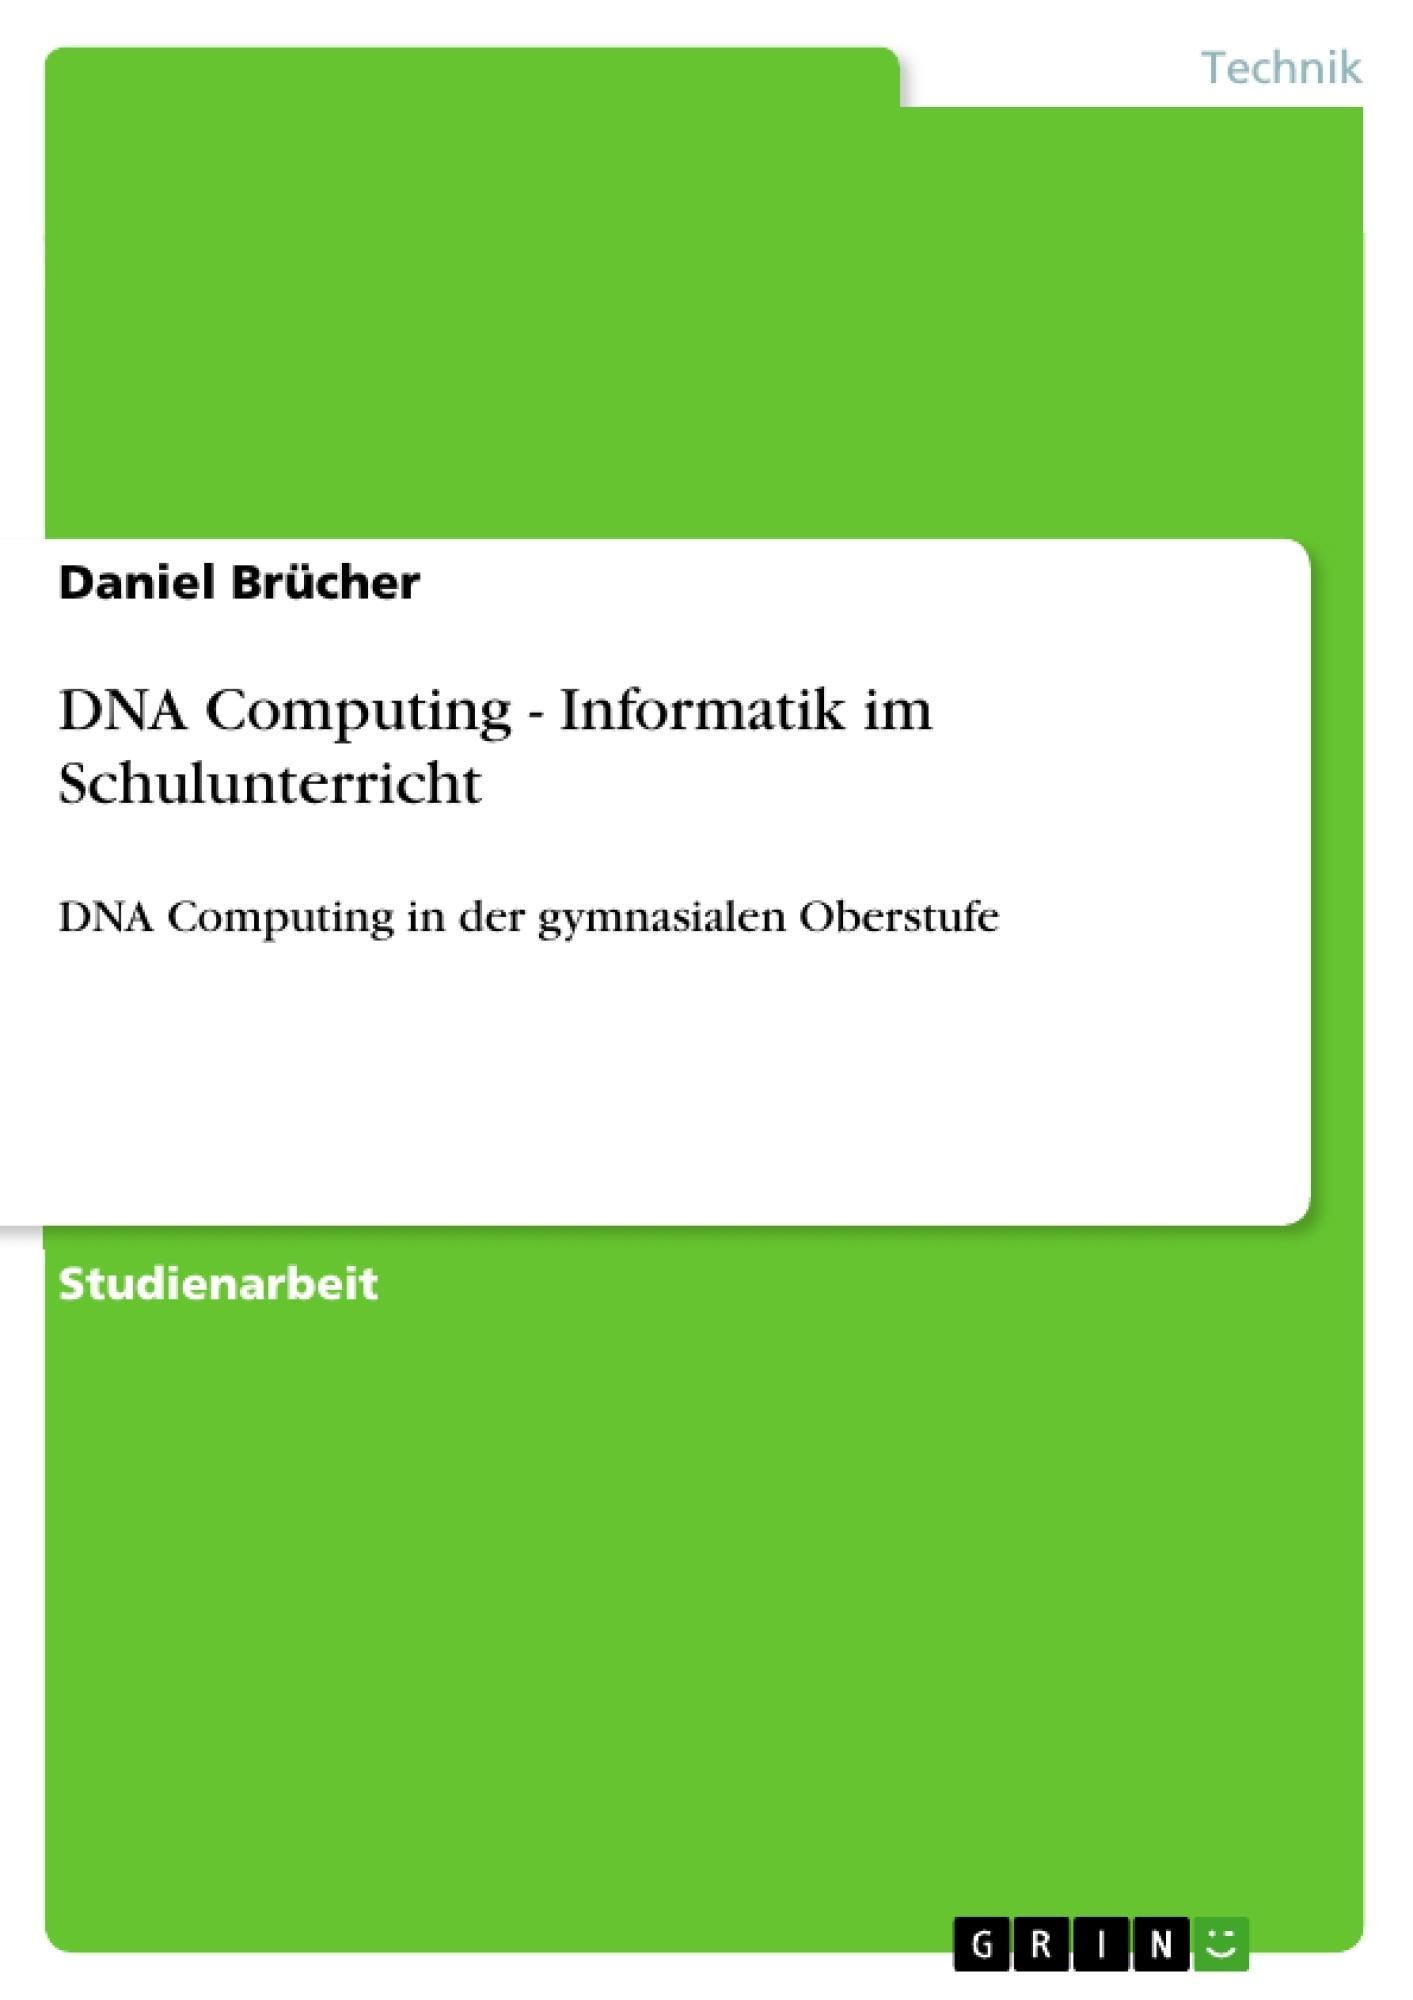 Titel: DNA Computing - Informatik im Schulunterricht